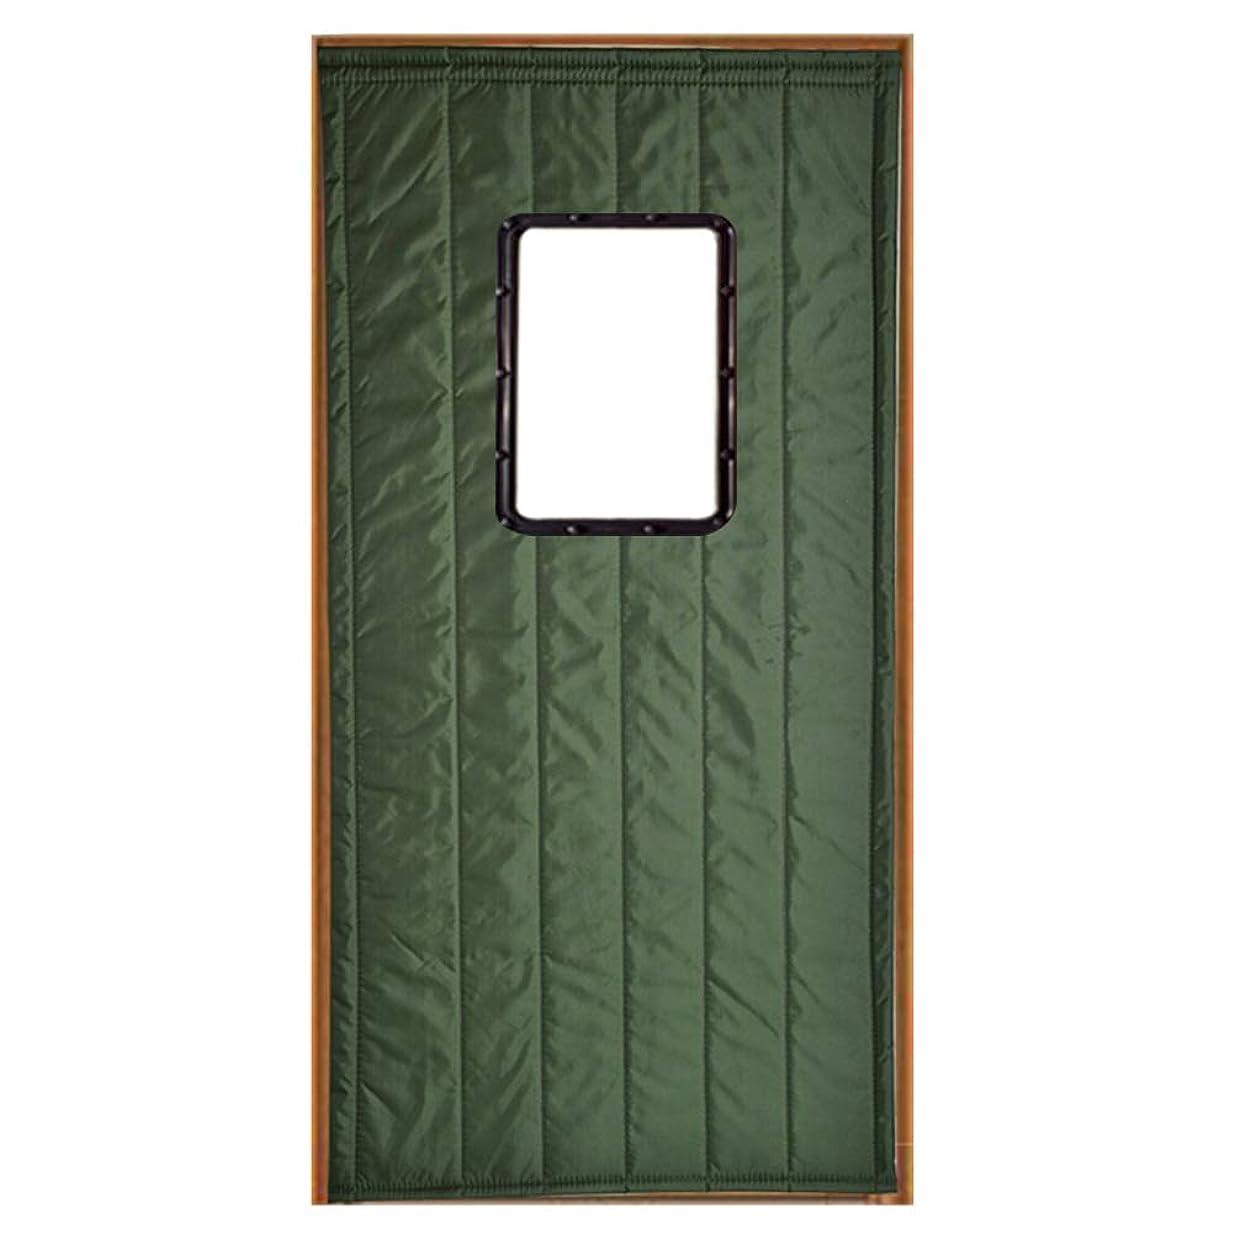 ソロ分離するタンクWUFENG ドアカーテン 厚い 絶縁 防塵の 防湿 耐食性 ウィンドウで、 3色 複数のサイズ カスタマイズ可能な (色 : C, サイズ さいず : 100x220cm)